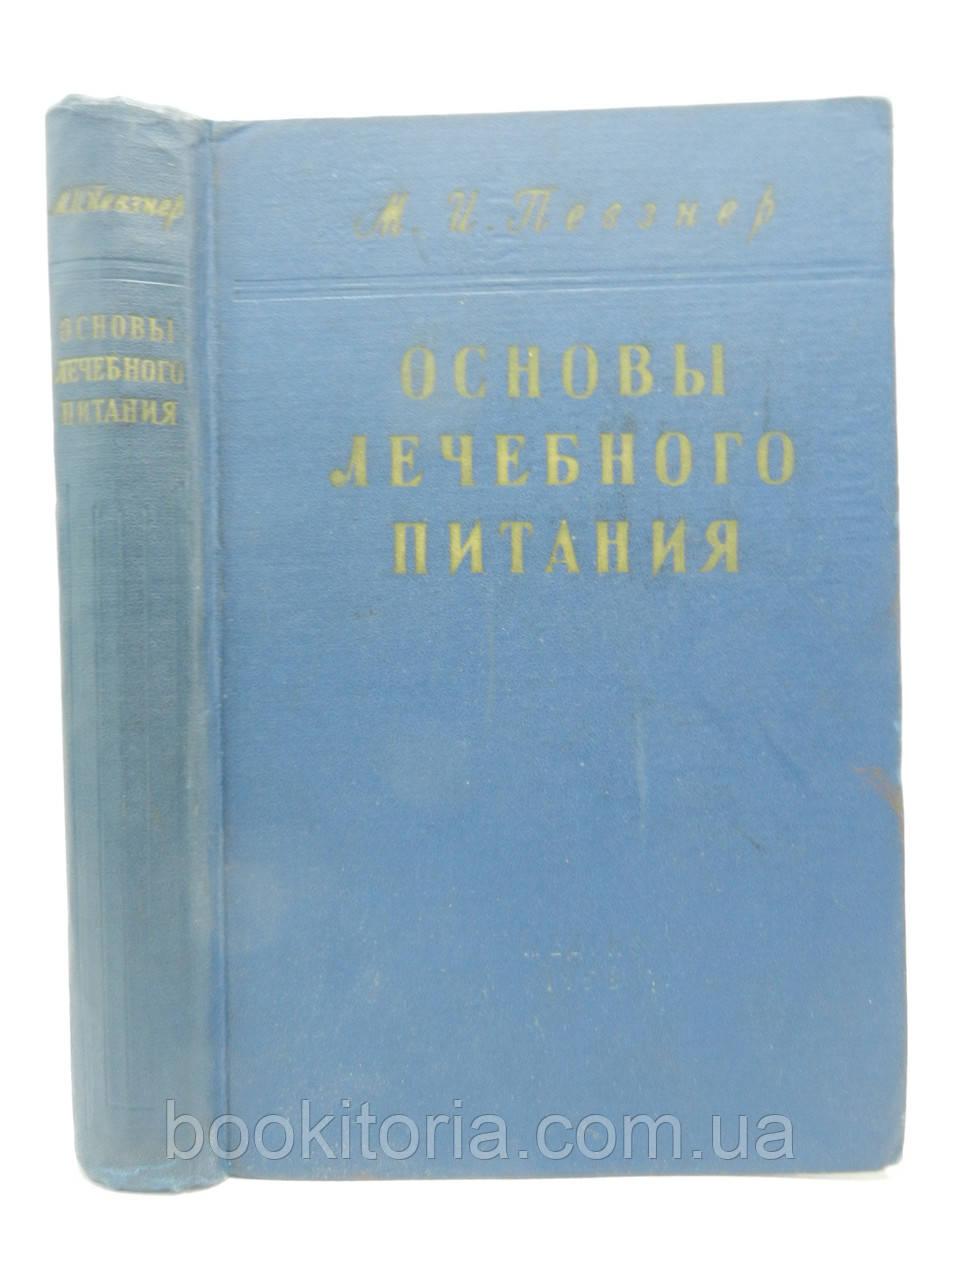 Певзнер М.И. Основы лечебного питания (б/у).